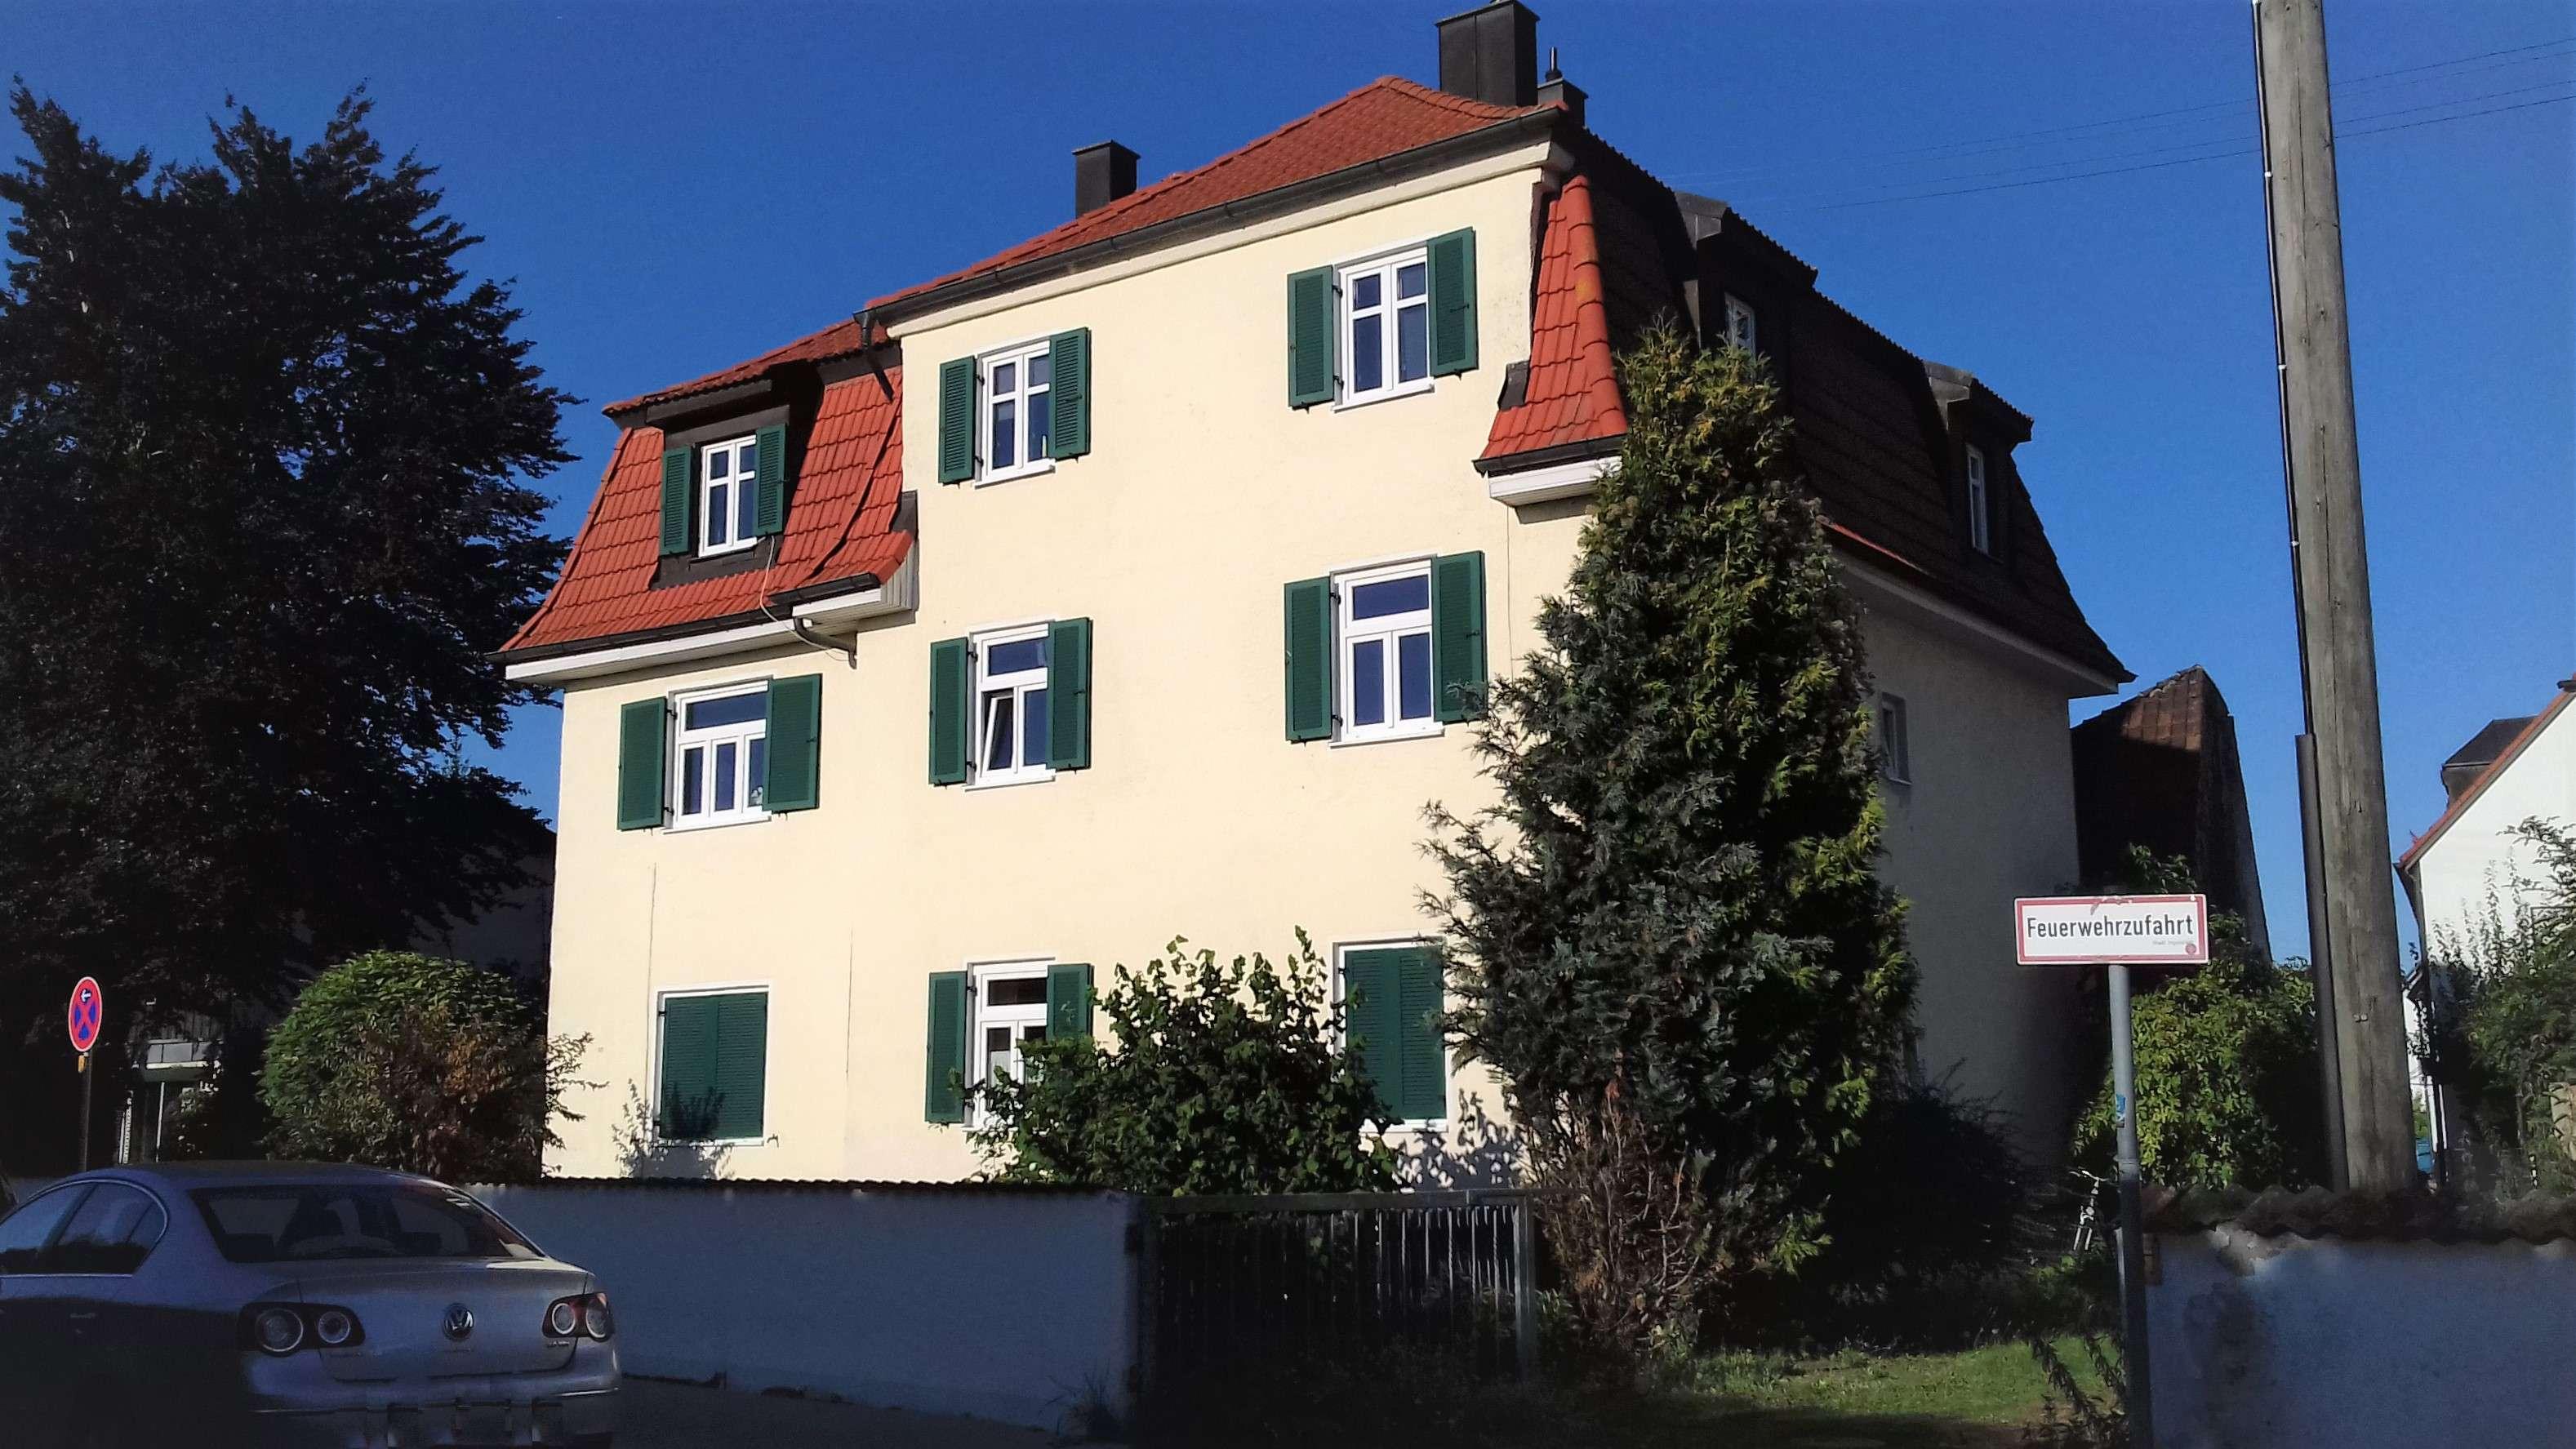 """Helle große Wohnung """"klassischer Altbau Stil"""" für Liebhaber, zentrale Lage IN Ringsee in Südost (Ingolstadt)"""